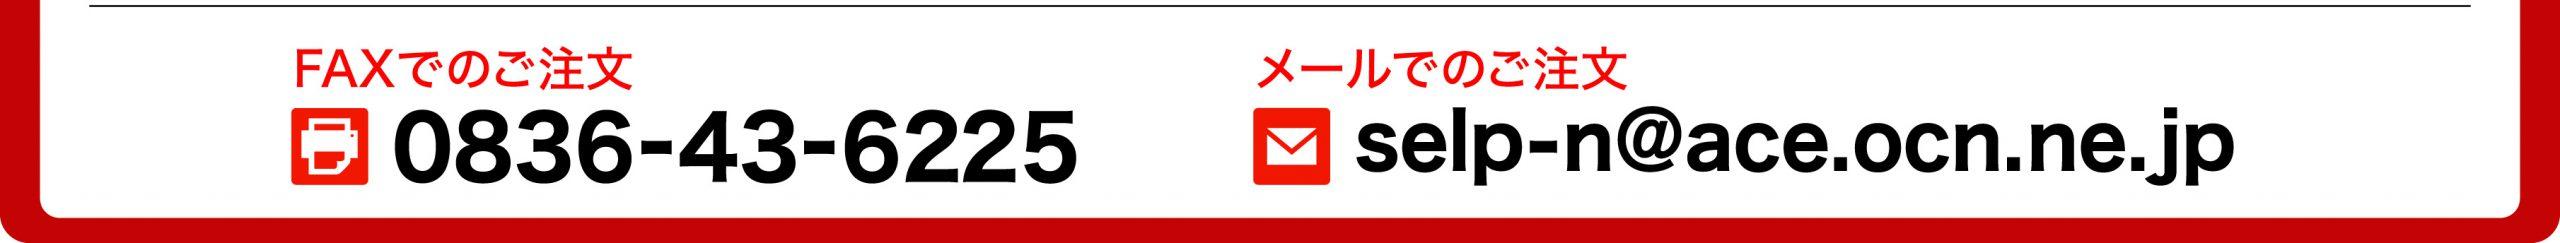 セルプ 南風FAX・メール問い合わせselp-n@ace.ocn.ne.jp